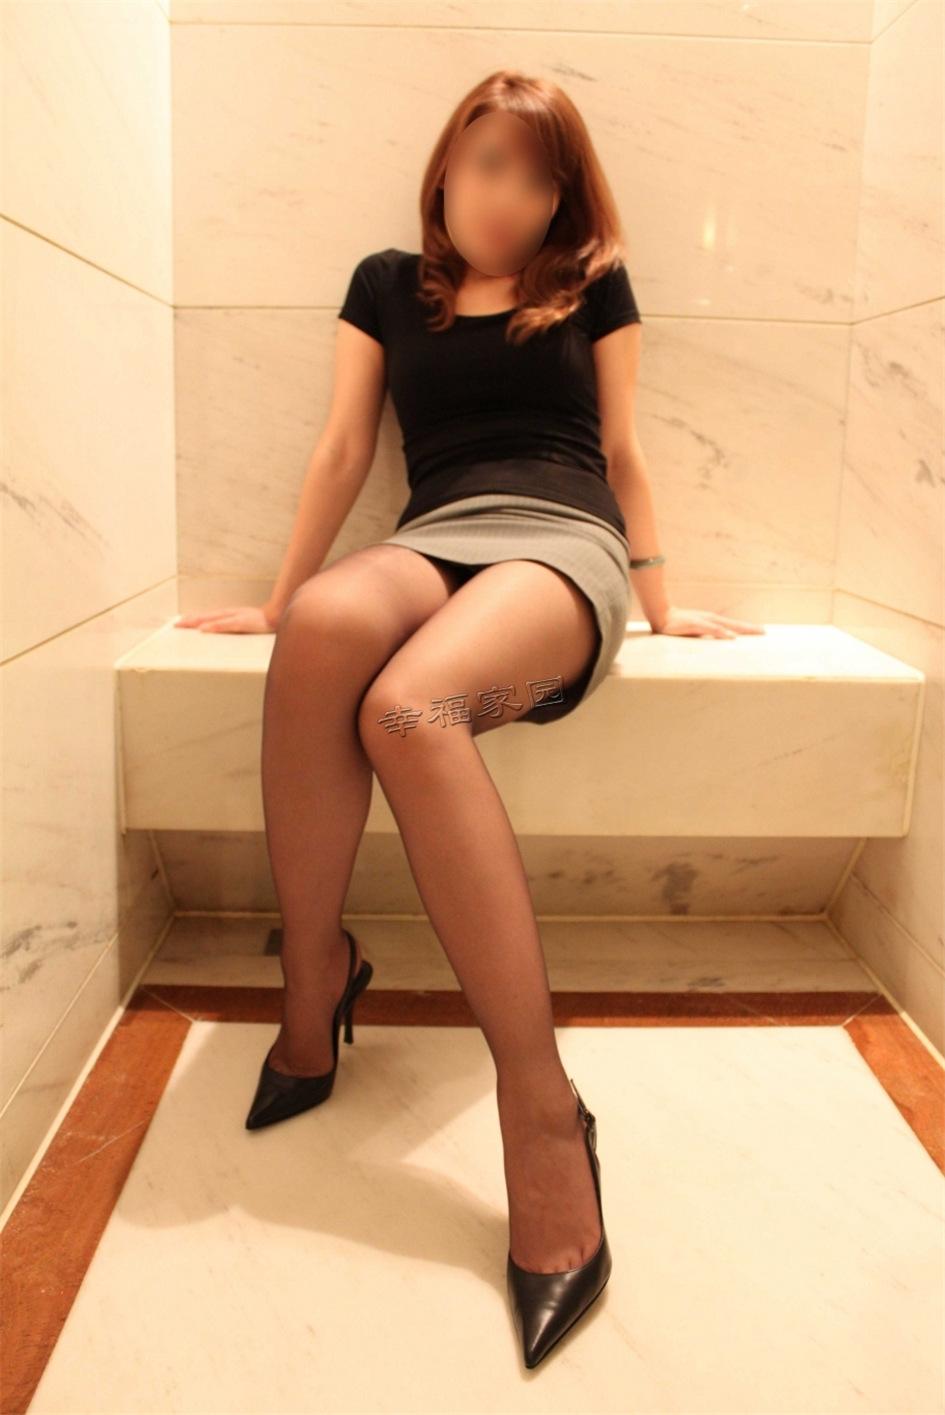 性感少妇私房黑丝诱惑匿名写真图片(图19)